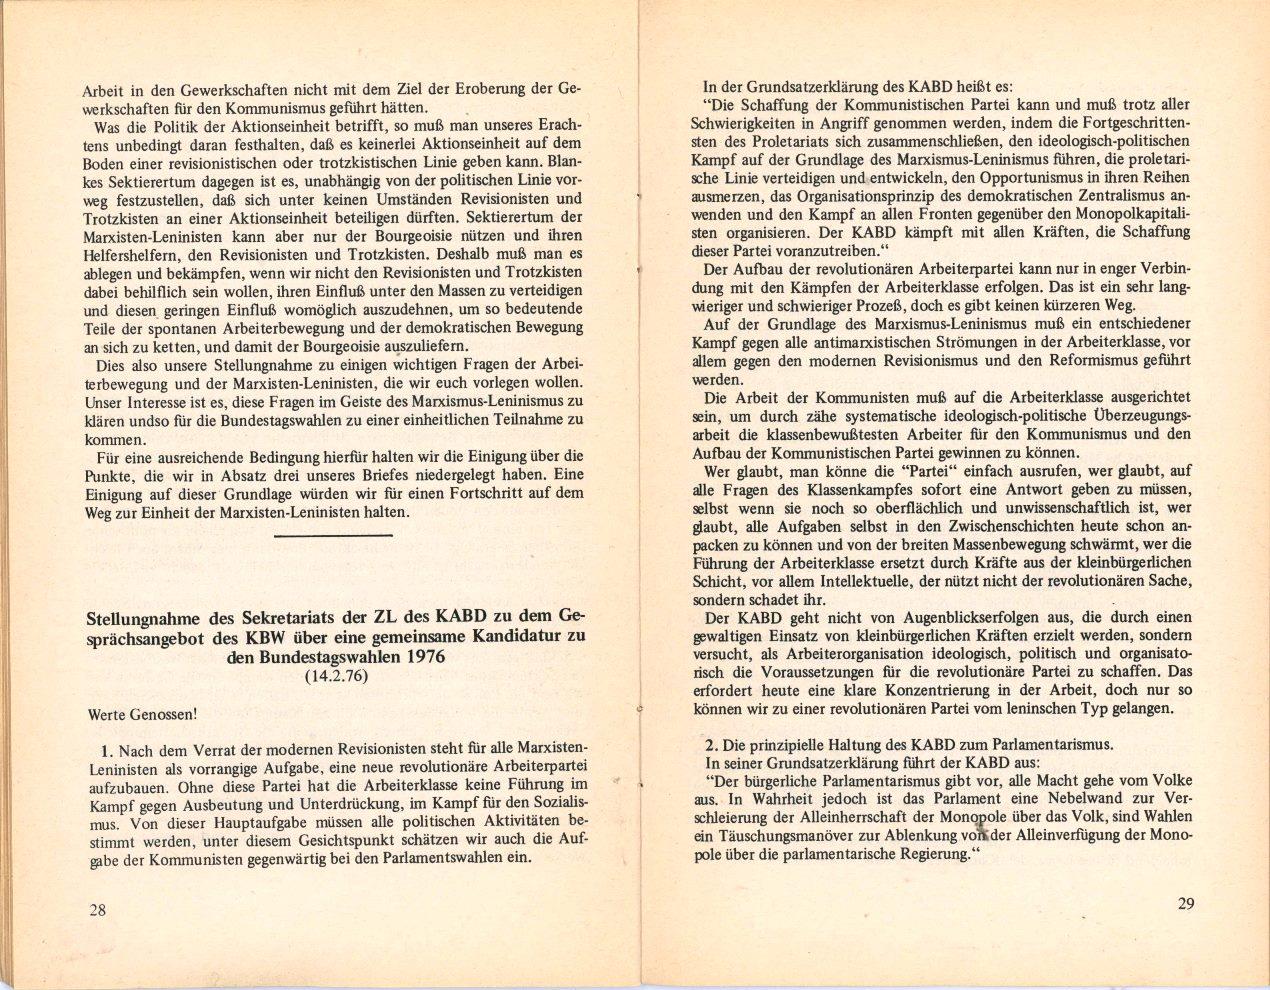 KBW_Materialien_zur_Auseinandersetzung_in_der_mlB_1976_16